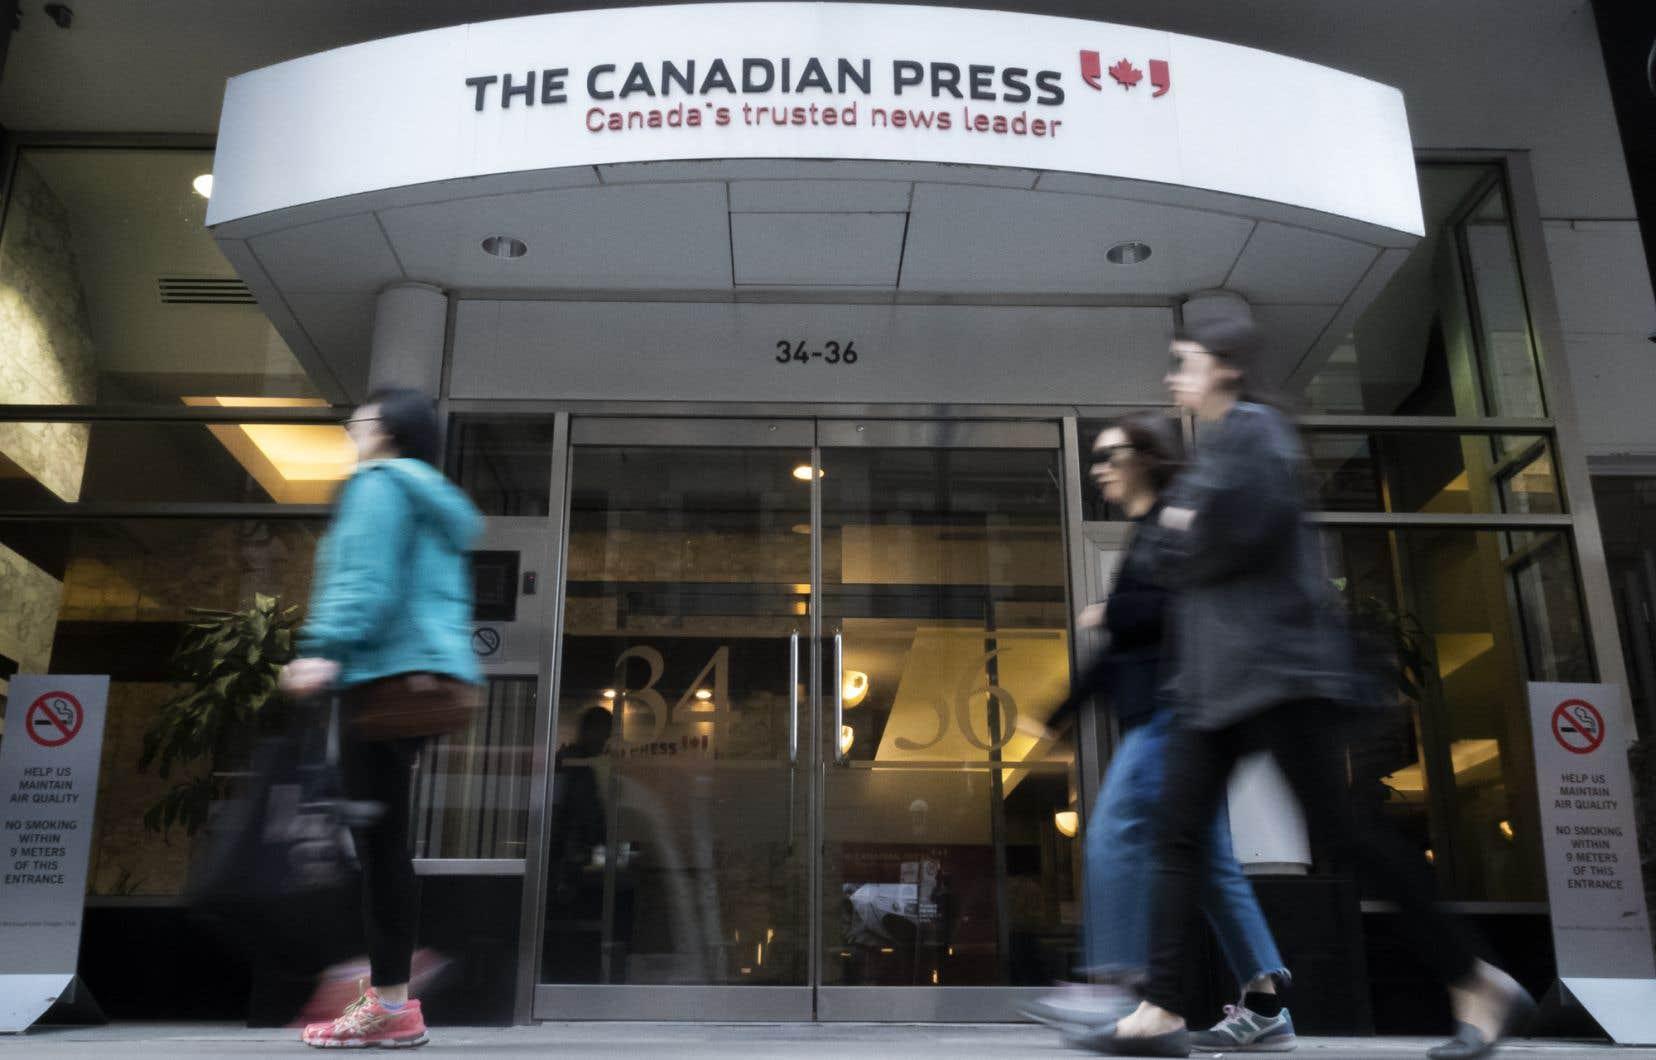 Facebook a promis, vendredi, un investissement de 4 millions de dollars consacré au maintien d'un programme de partenariat avec La Presse canadienne.